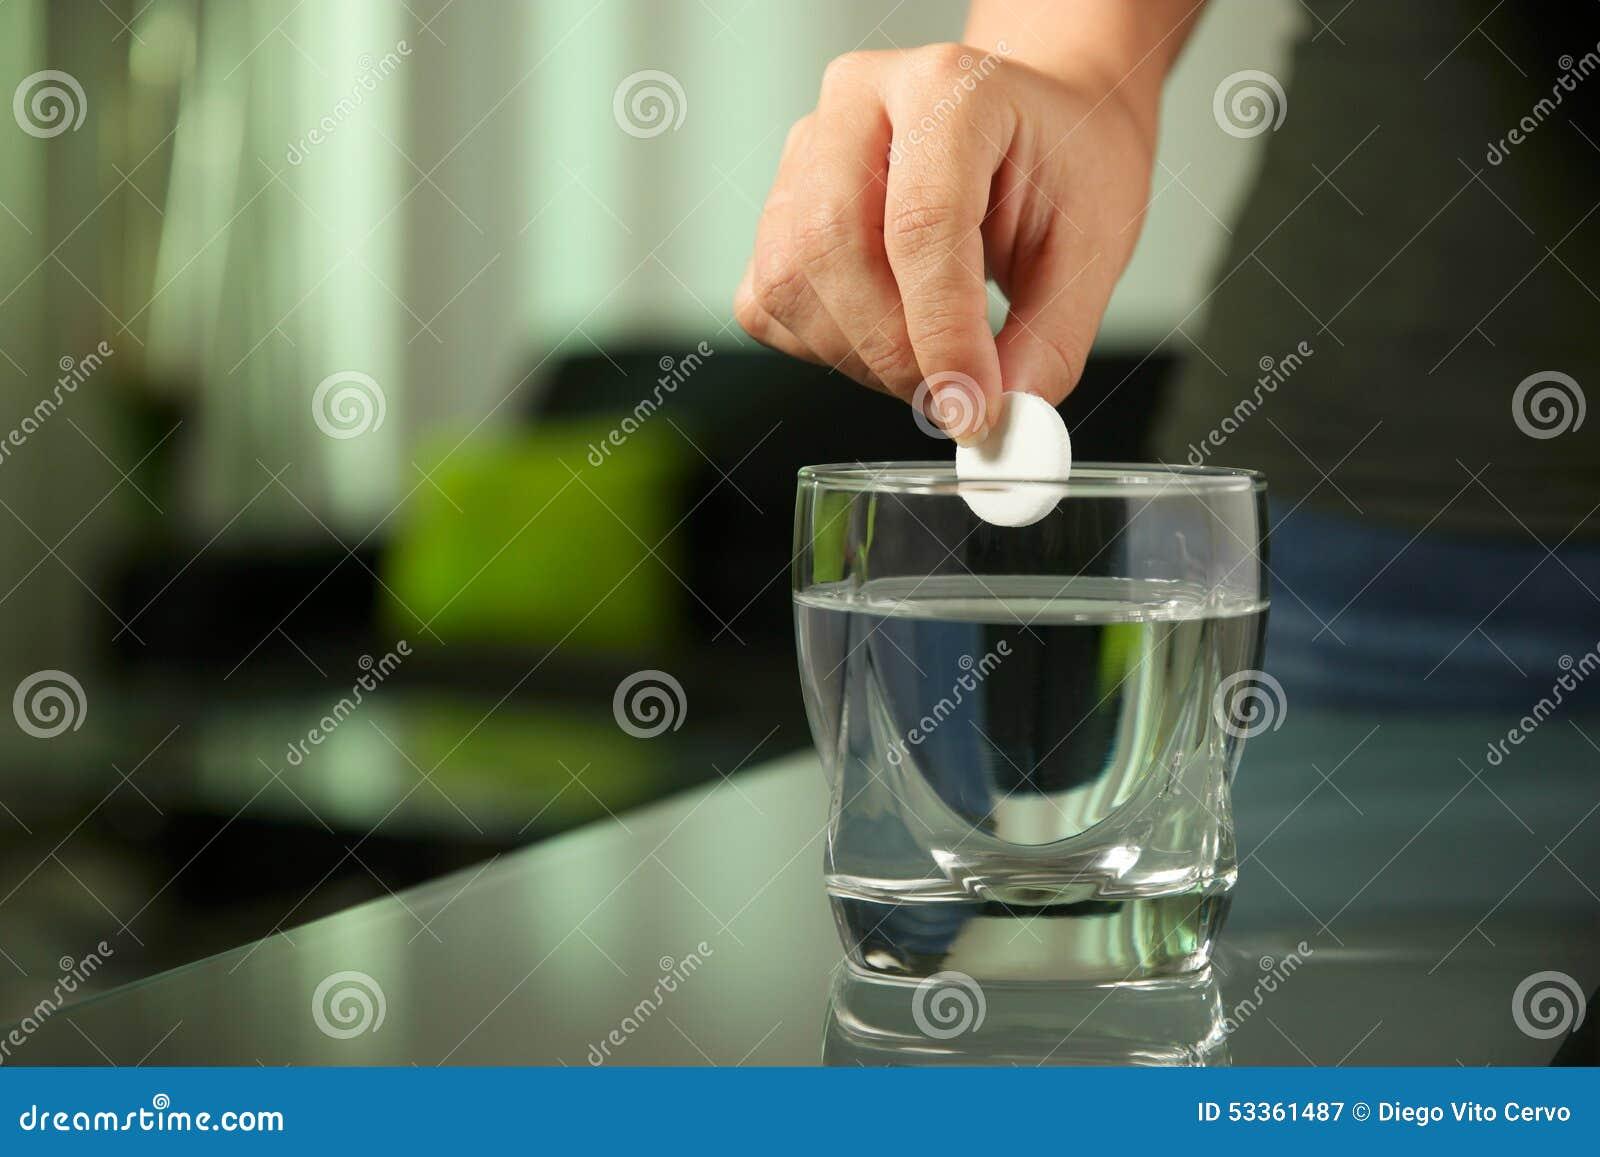 Chora kobieta Stawia Gazowaną pastylkę Aspirin W szkle woda